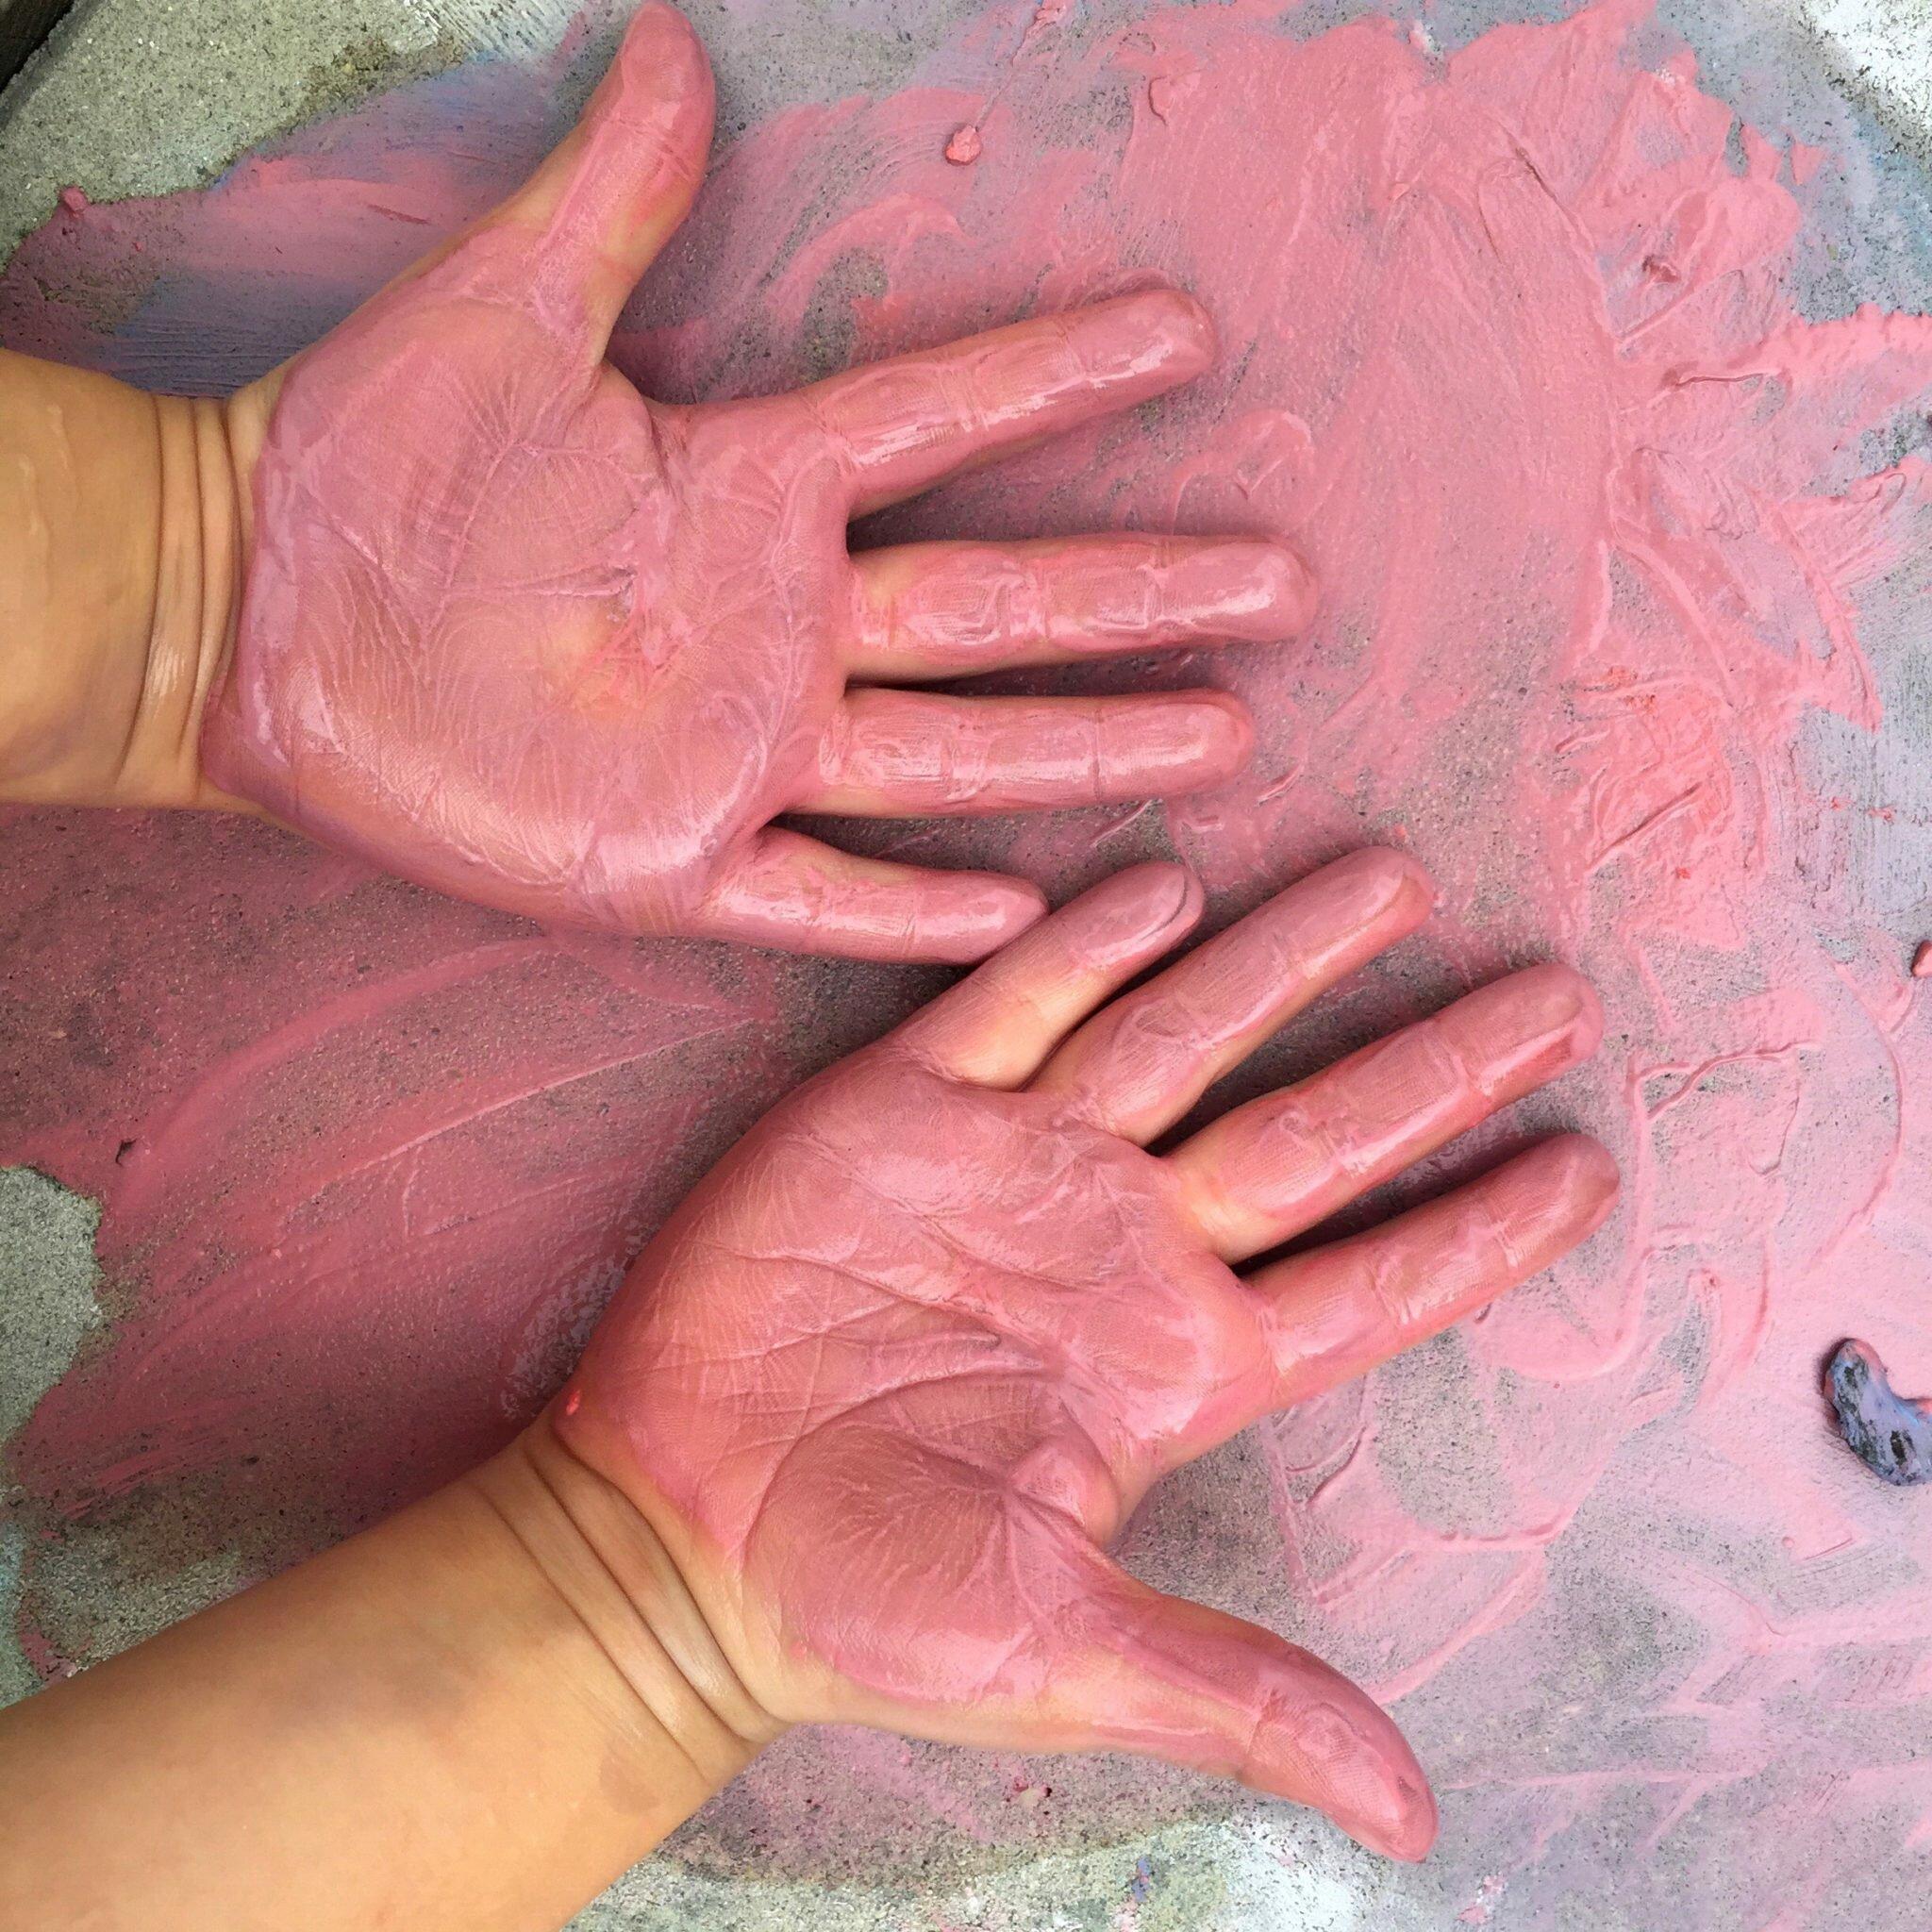 zdjęcie rąk dziecka empatyczne słuchanie jak sobie poradzić ze złością